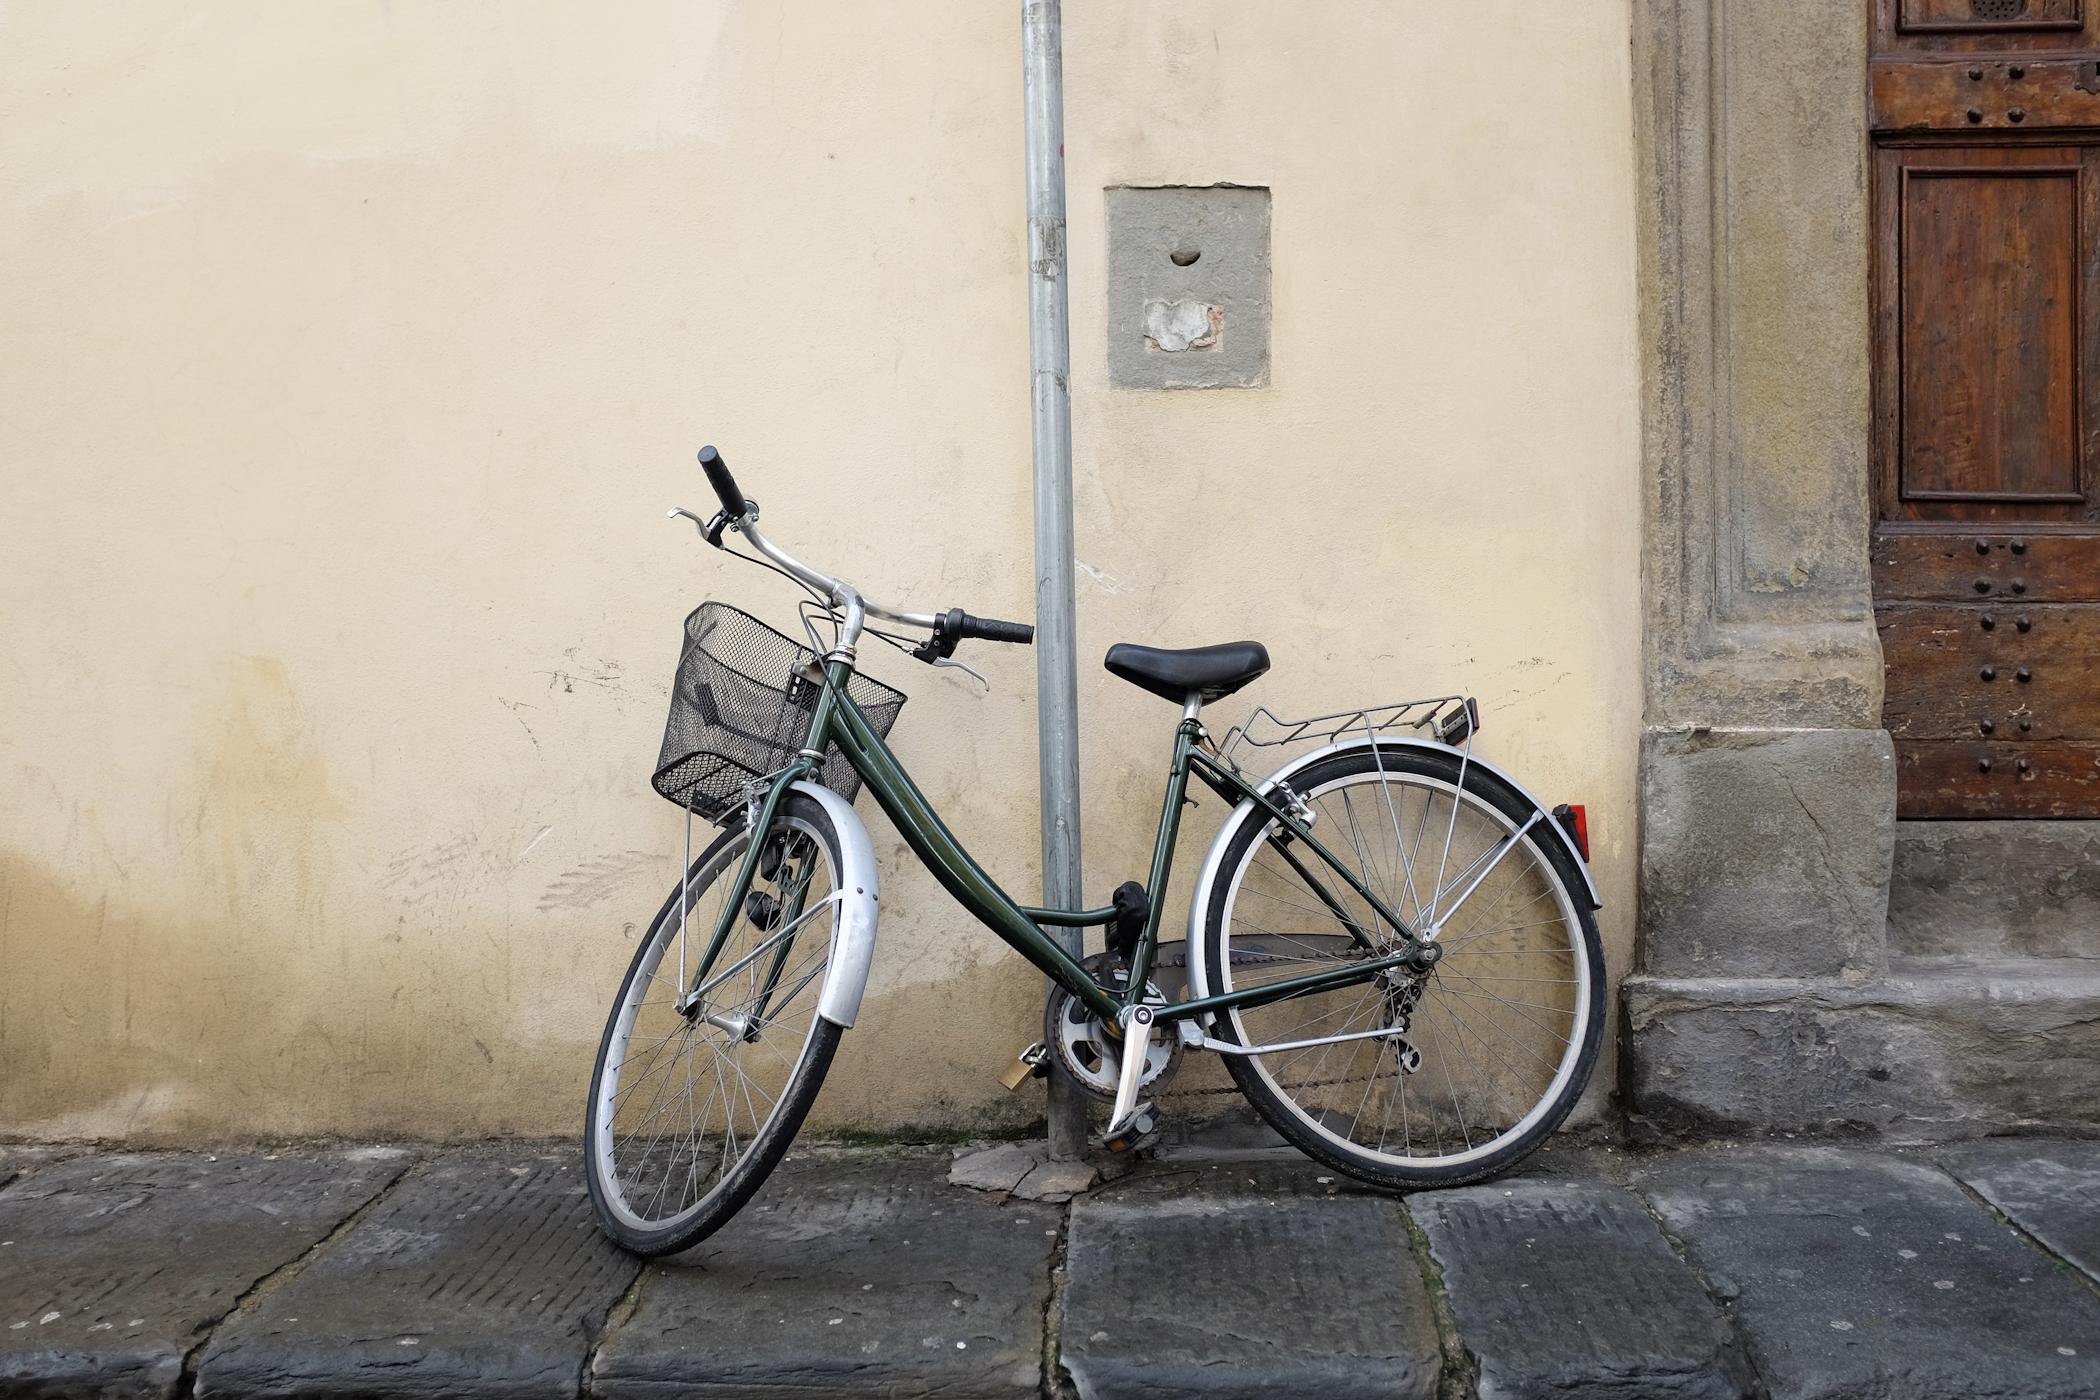 palermo bicicletti di firenze jan15-7.jpg